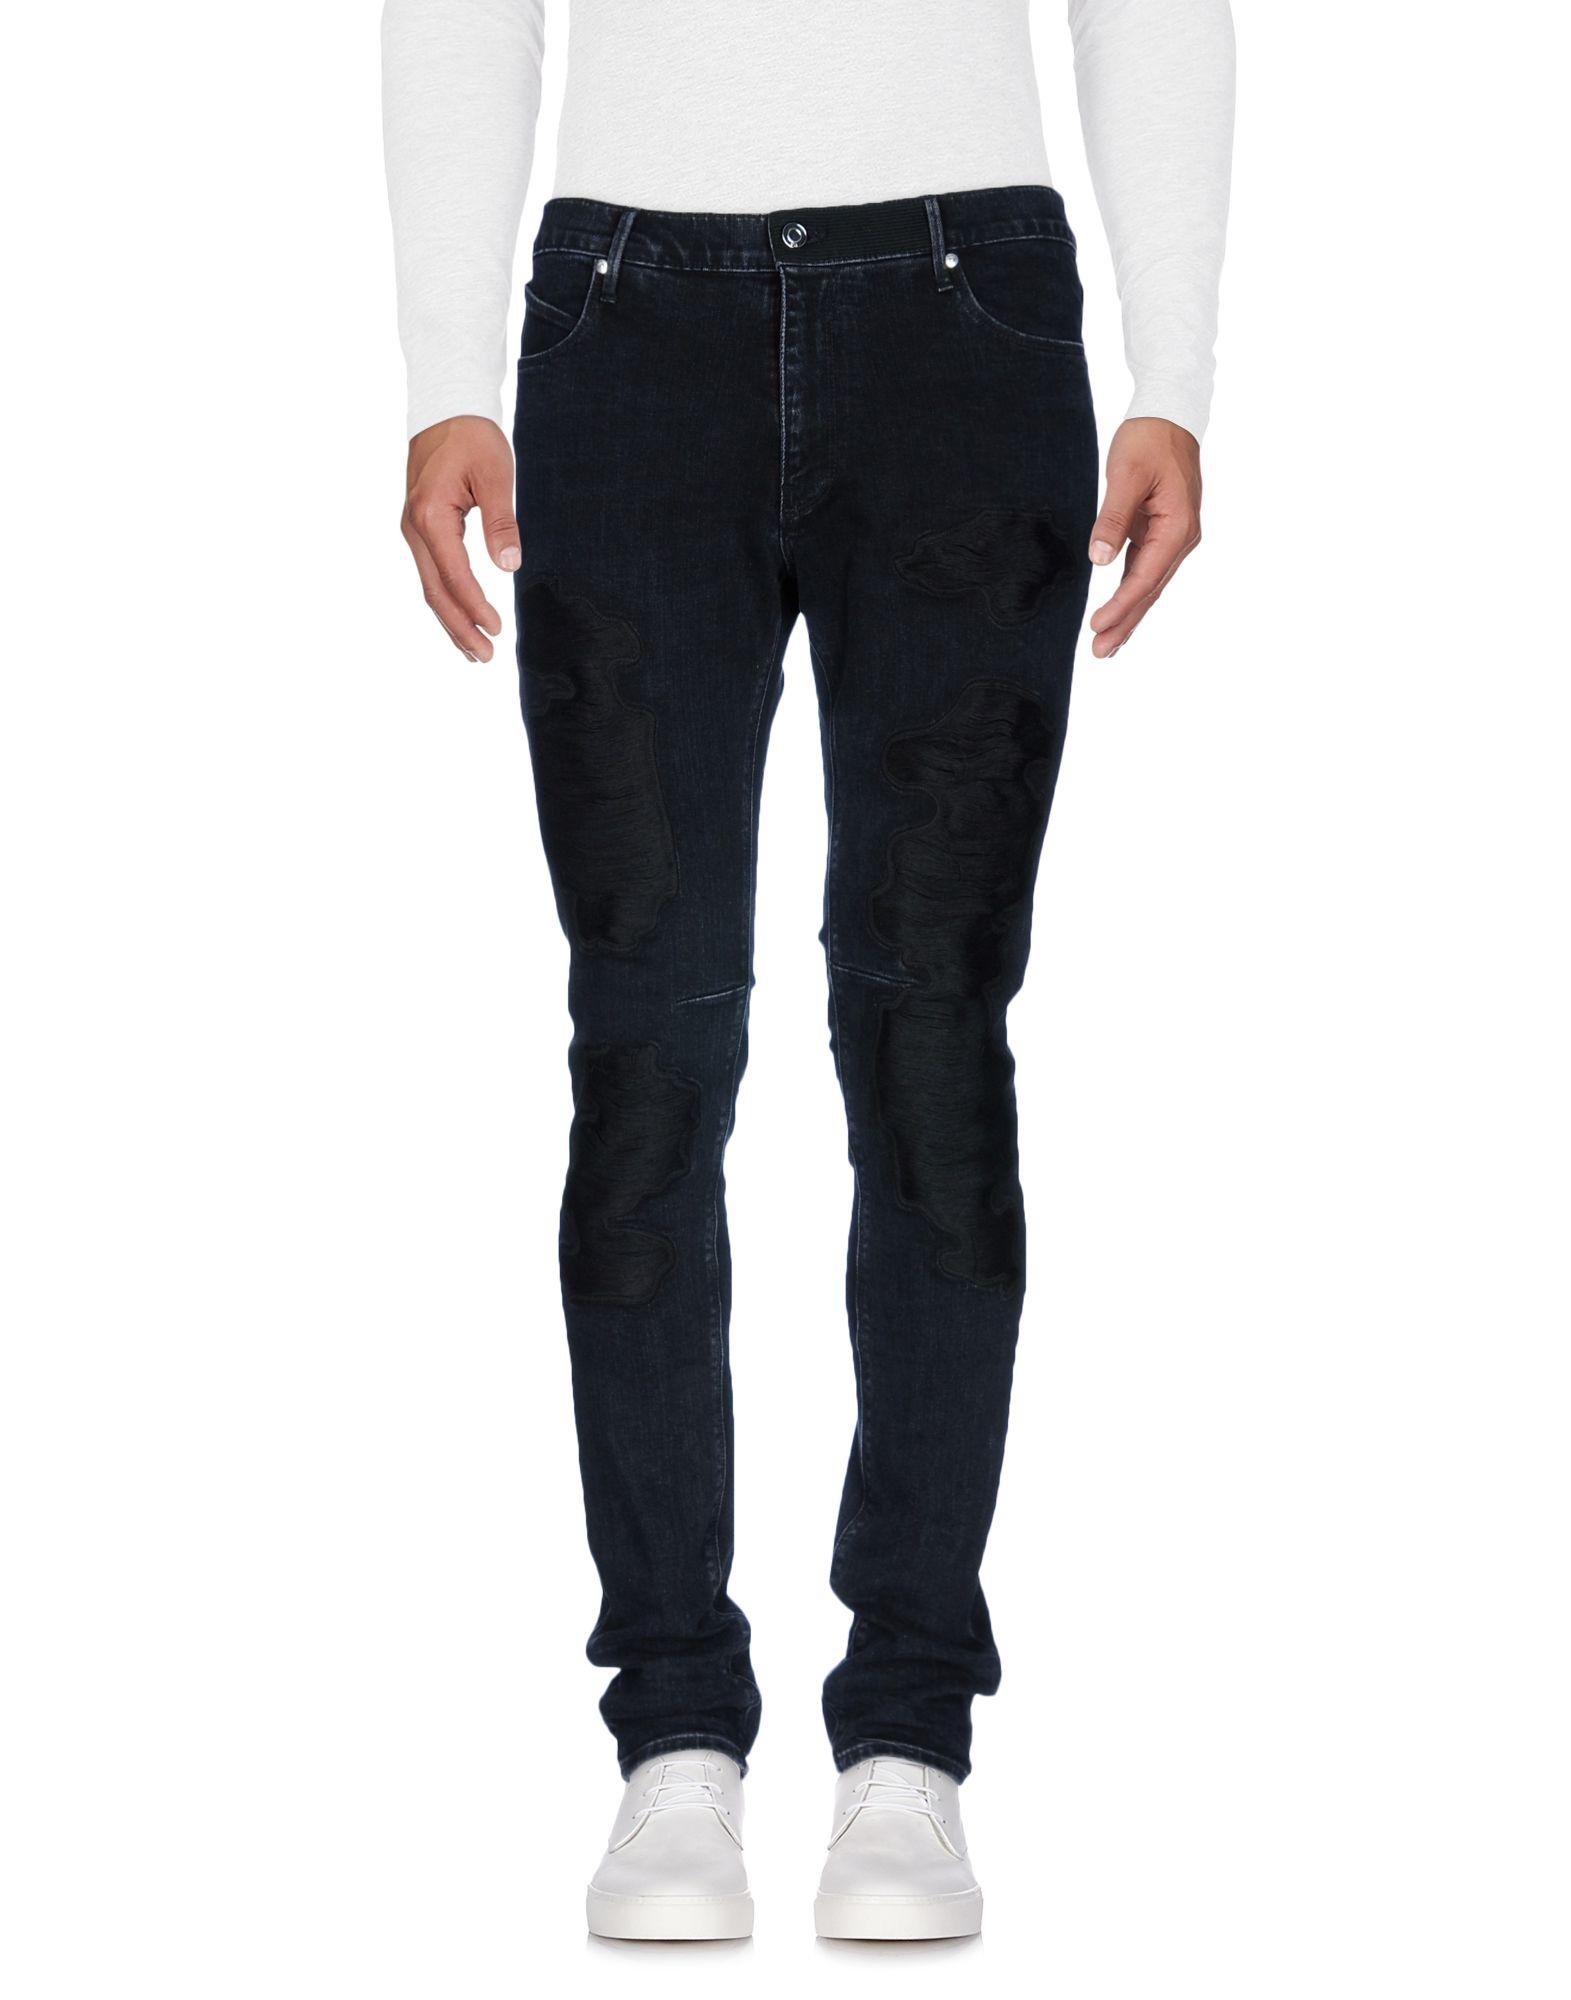 Pantaloni Jeans Rta Donna - Acquista online su